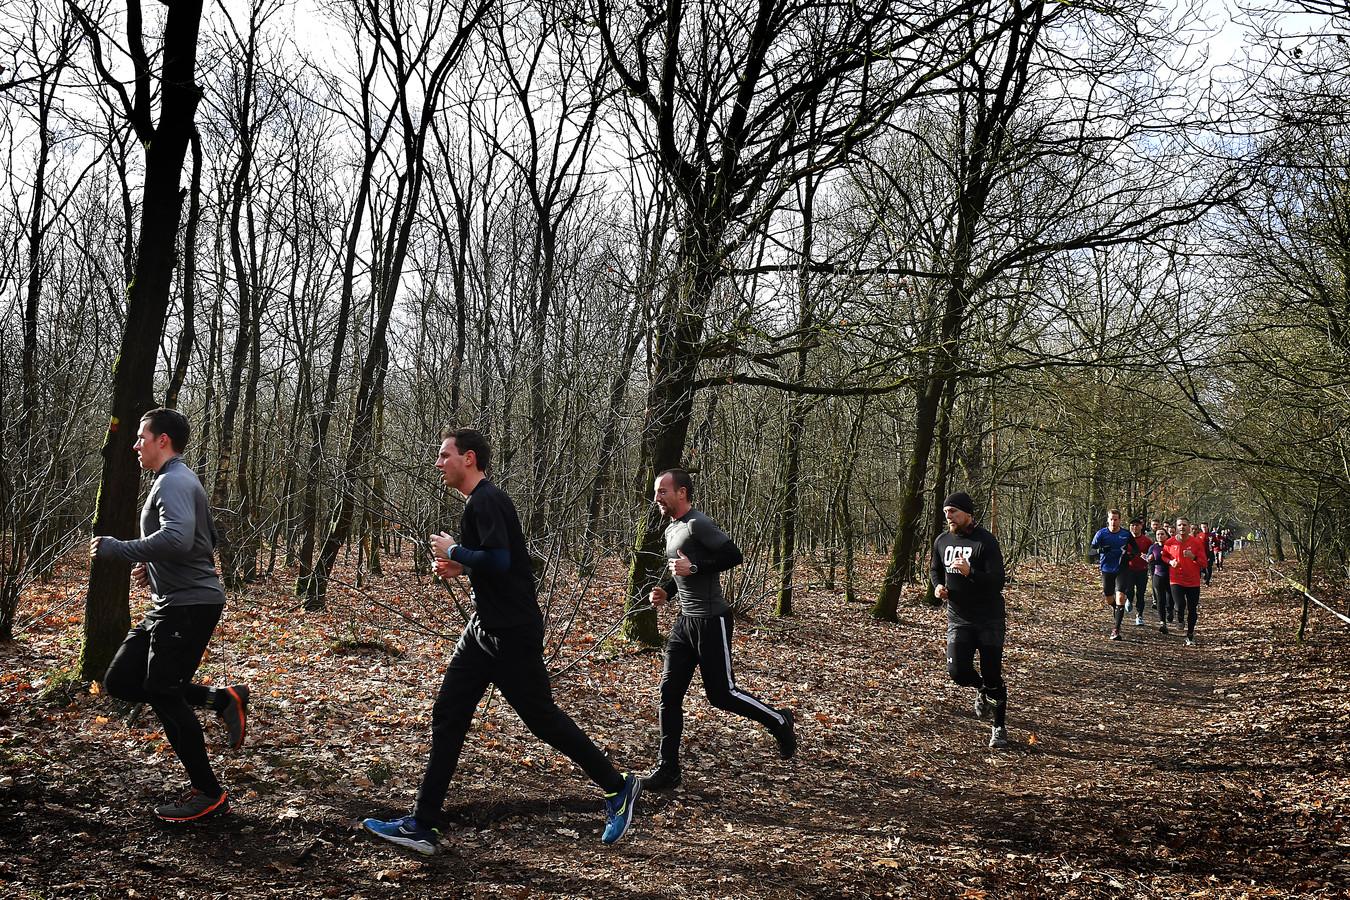 Wanroij: 09-02-2019; DG_FotoStrong Viking Winter Trail Run eerste editie.Het Strong Viking concept bestaat al enige jaren en wordt door heel europa gehouden.Vandaag was de eerste editie van de Winter Trailrun bij de Bergen. De routes van 7 tot 42 km gingen allemaal richting staatsbossen.Foto: Ed van Alem